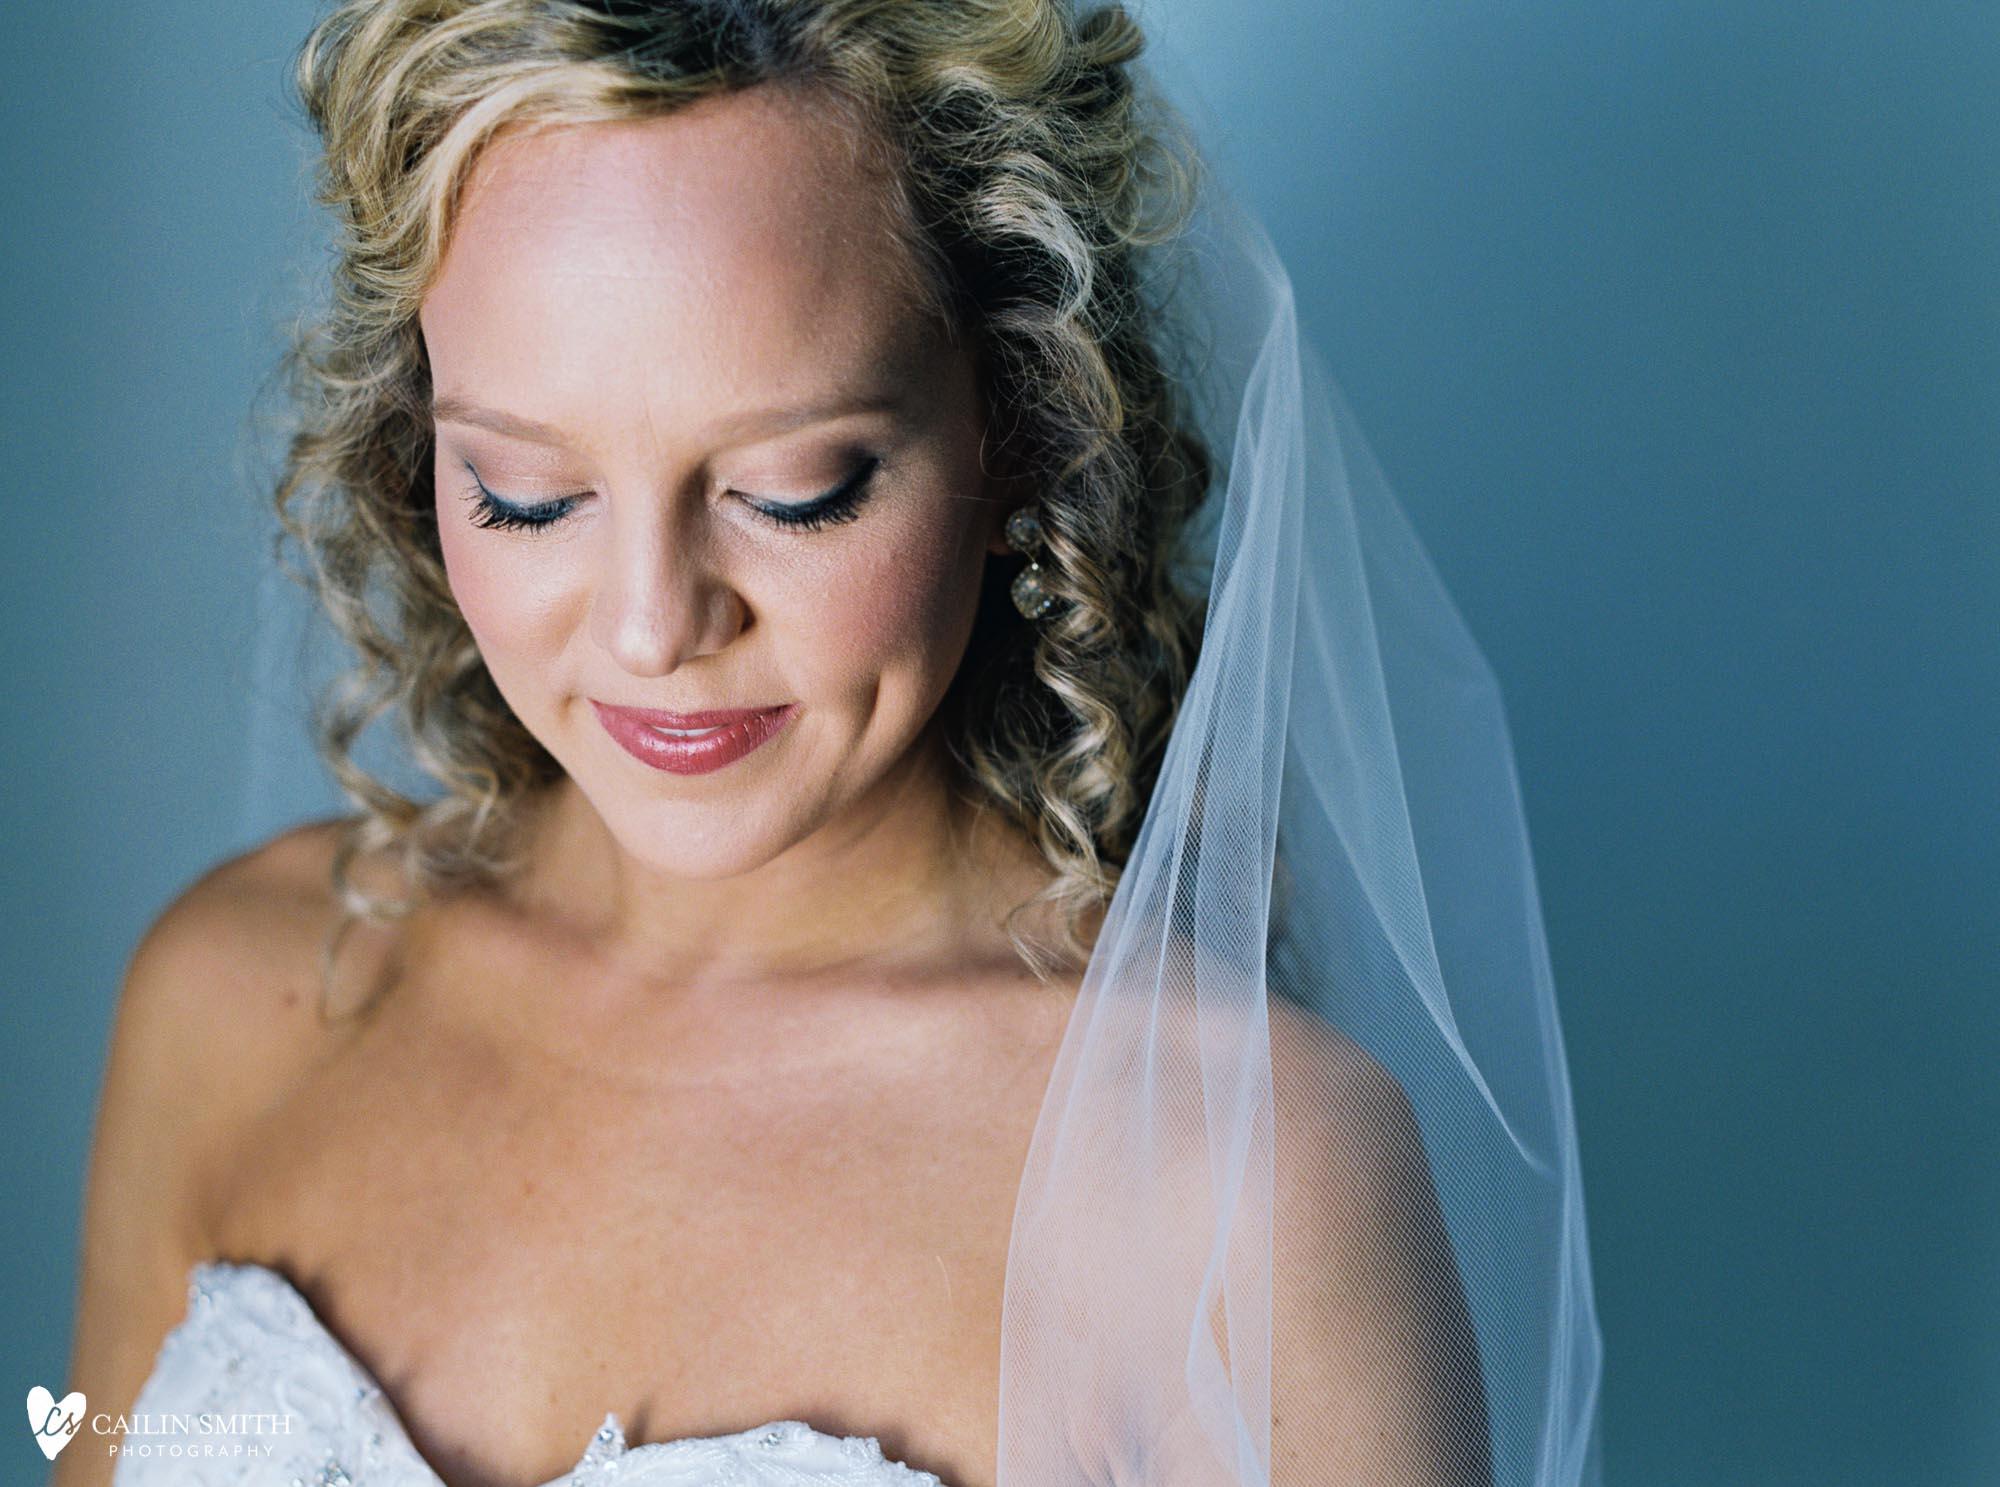 Leah_Major_St_Marys_Wedding_Photography_013.jpg